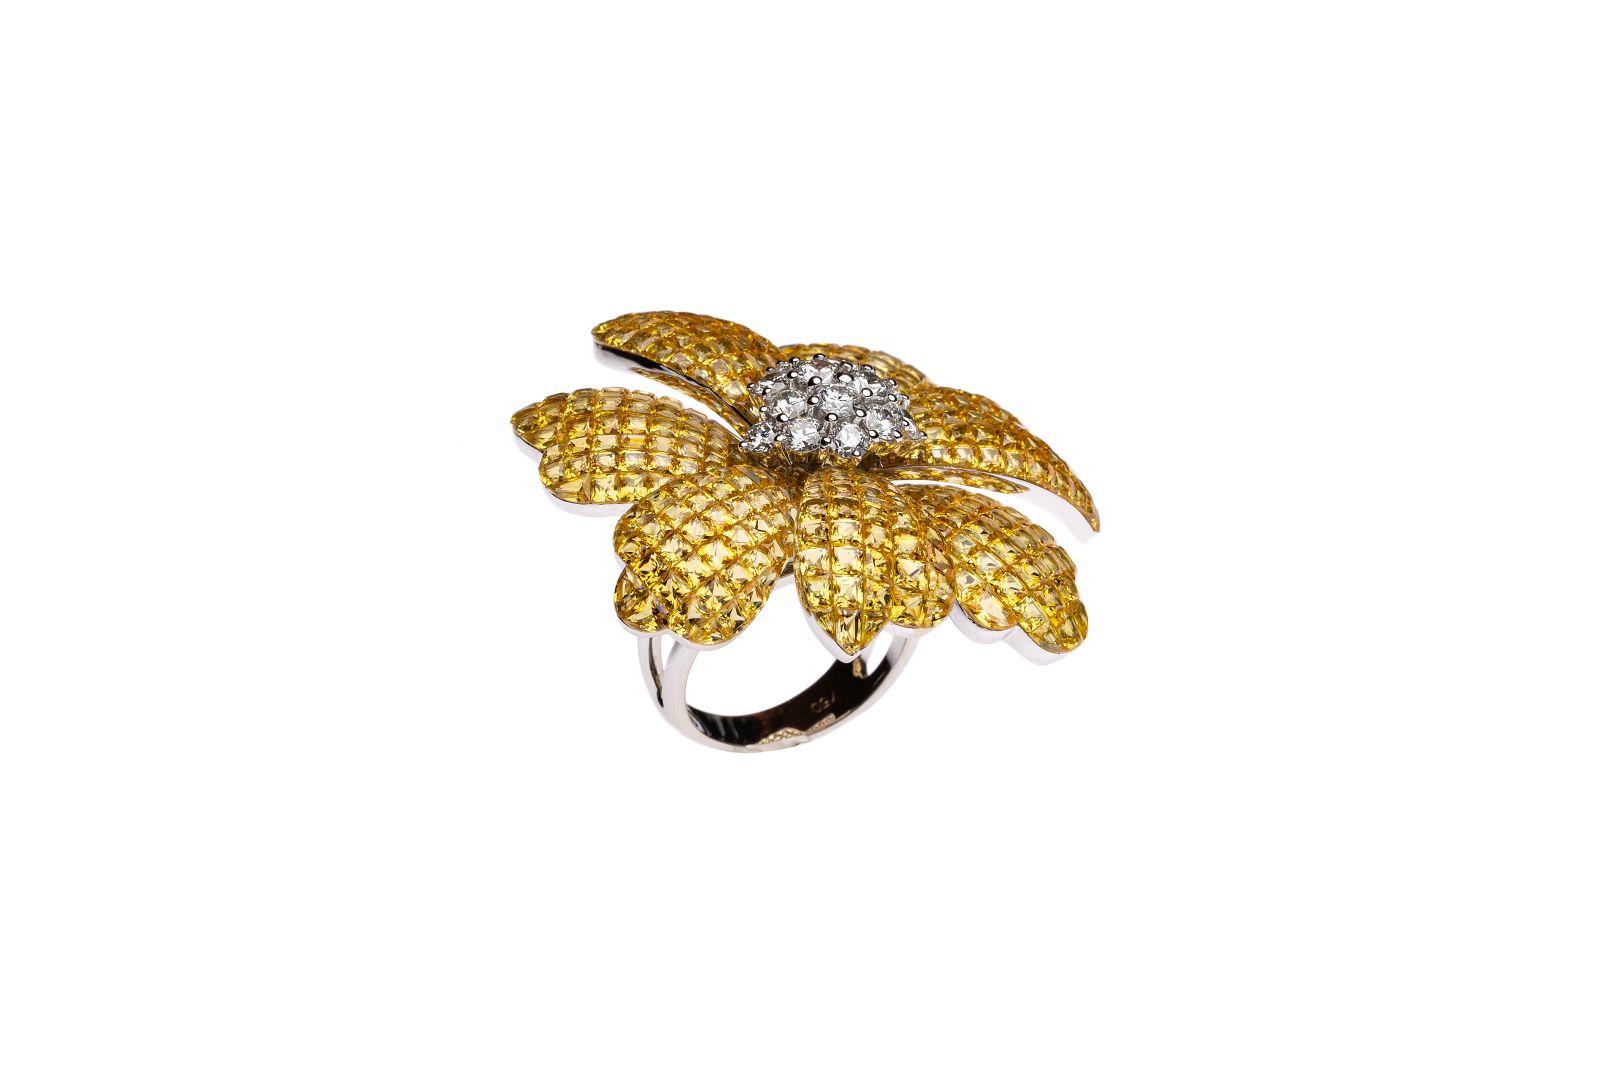 #58 Flower ring | Blumenring Image